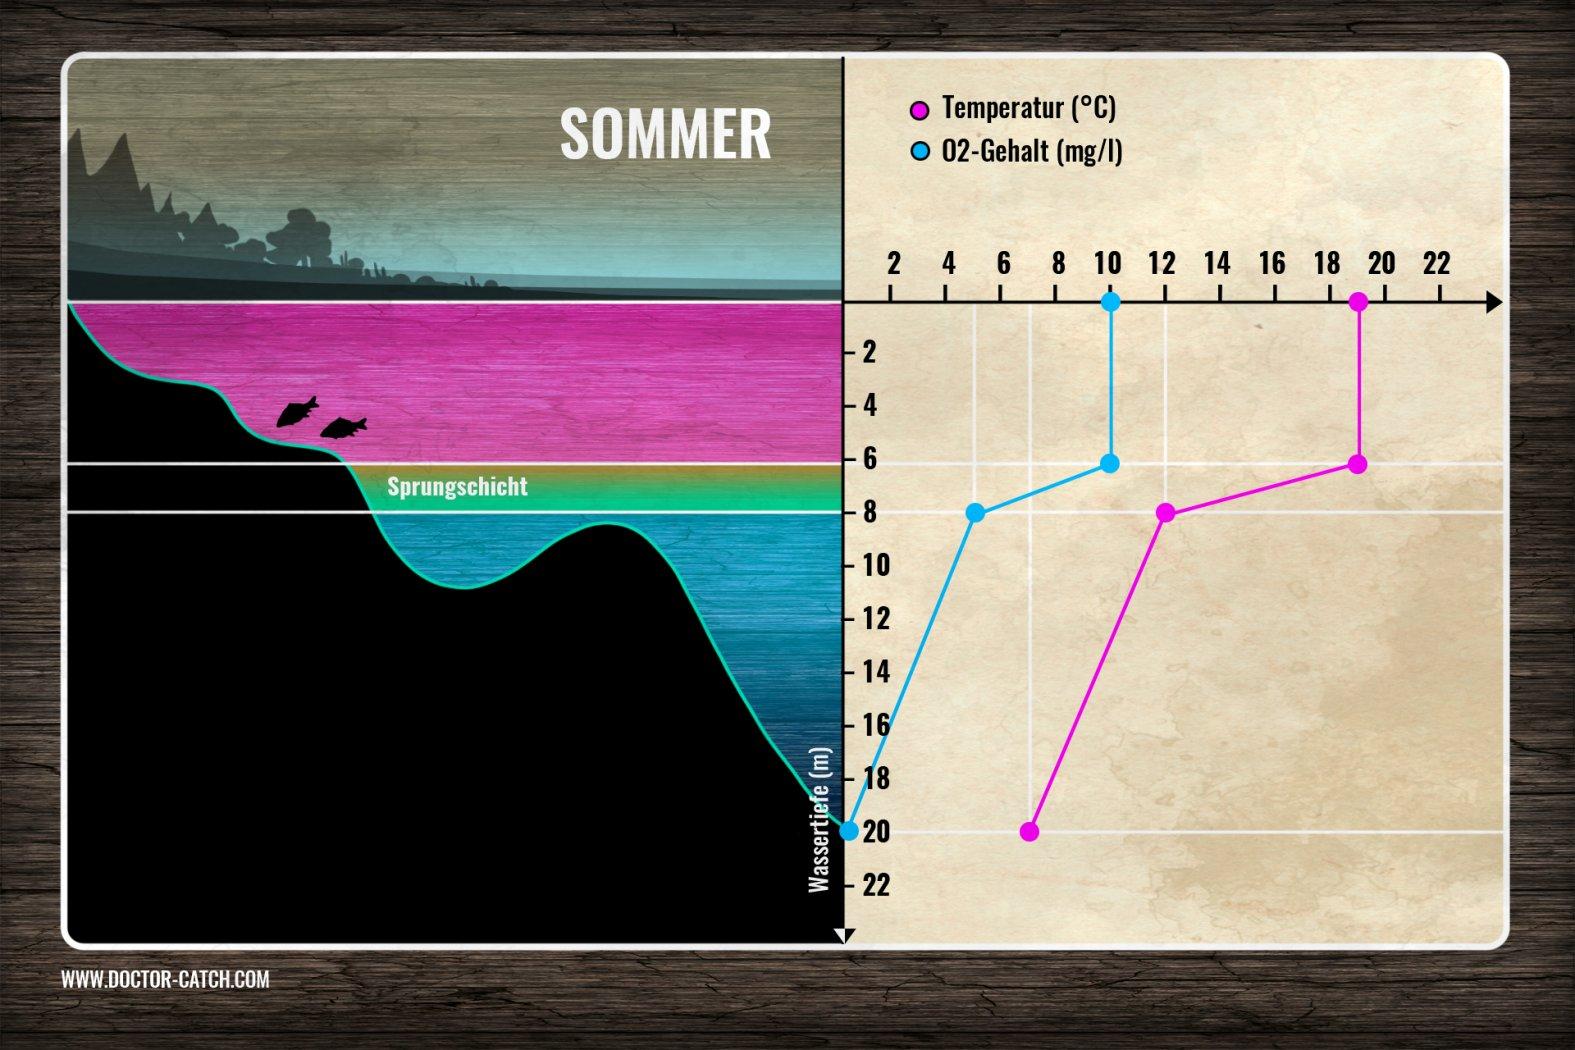 Die Sprungschicht im Sommer